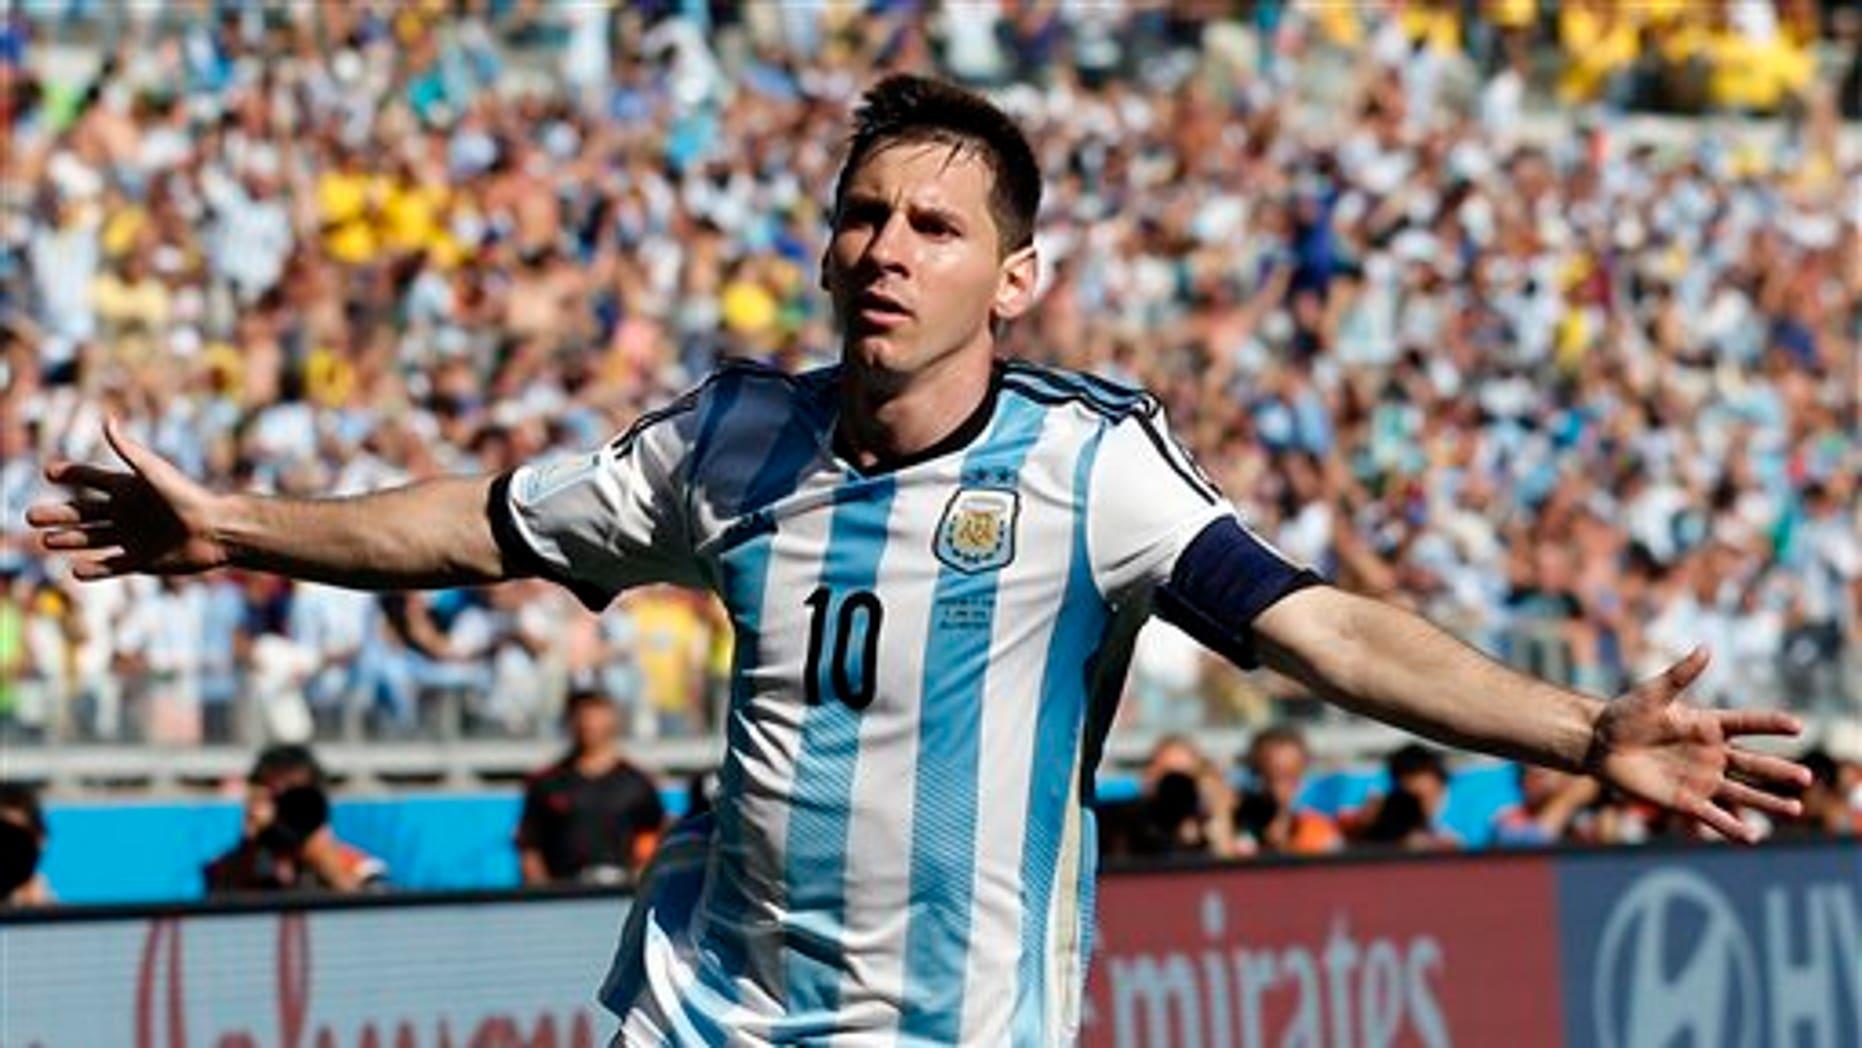 El jugador de Argentina, Lionel Messi, festeja un gol contra Irán en el Mundial el sábado, 21 de junio de 2014, en Belo Horizonte, Brasil. (AP Photo/Jon Super)